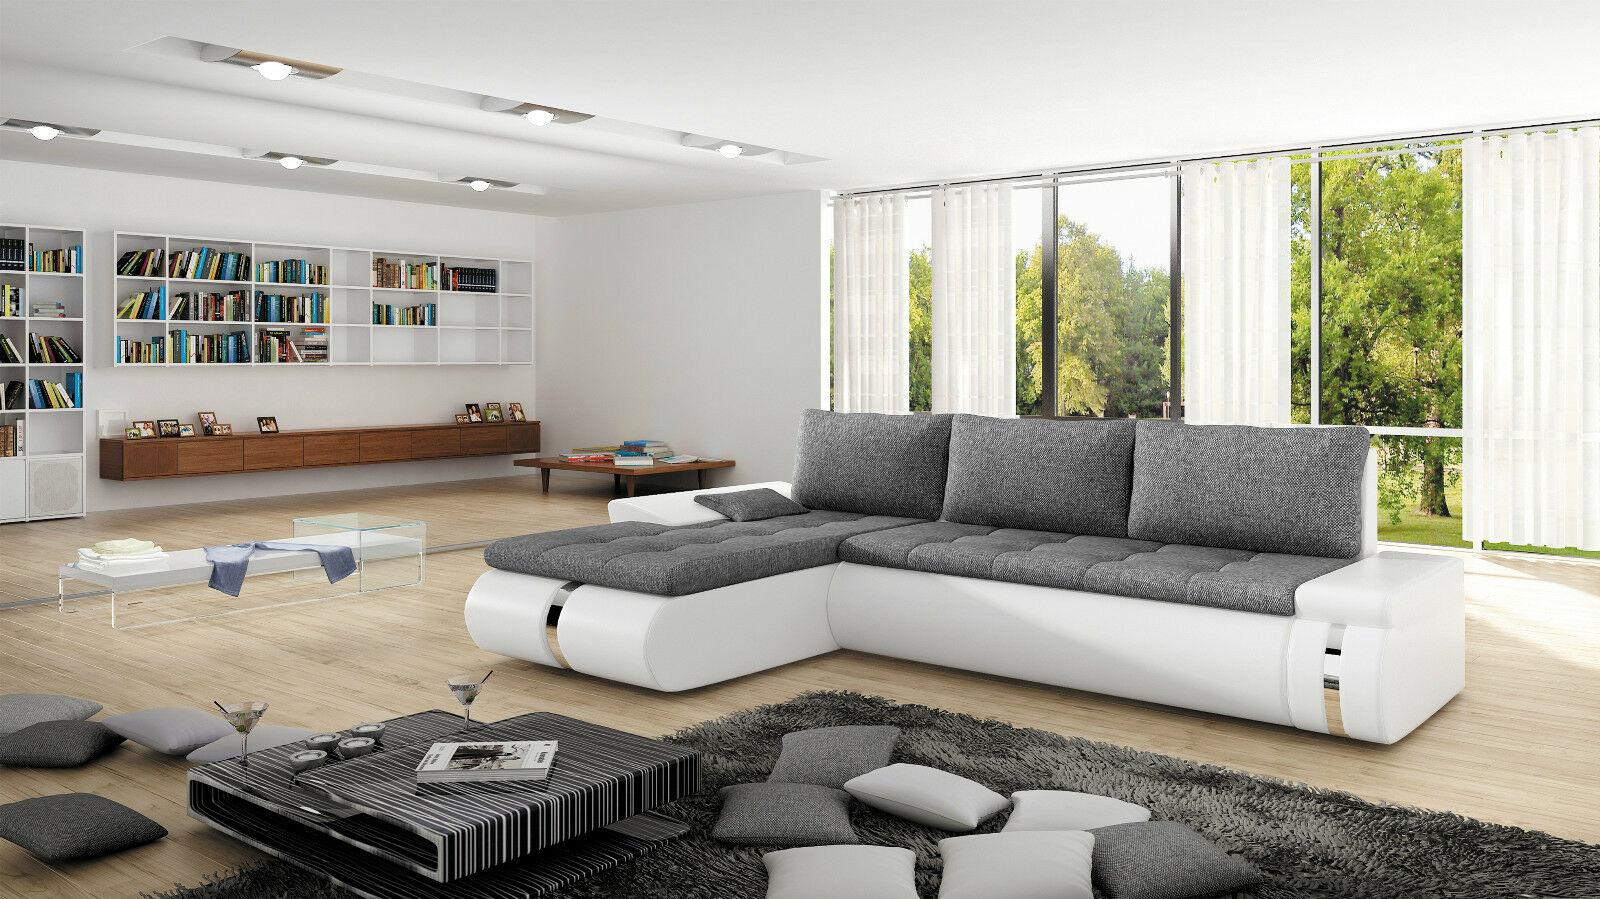 Innenarchitektur Eckcouch Schlaffunktion Foto Von Couchgarnitur Fado Mini Sofa Couch Polsterecke Ecksofa